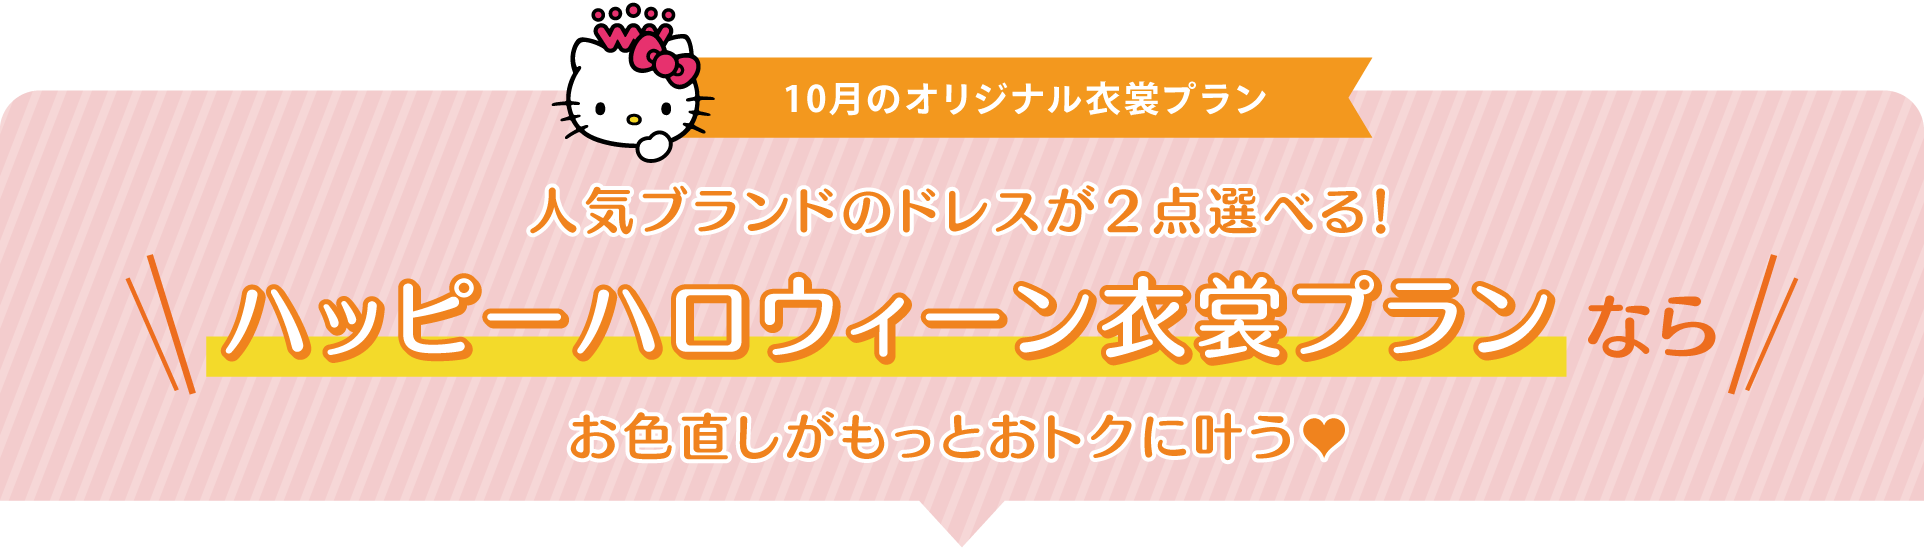 10月のオリジナル衣裳プラン